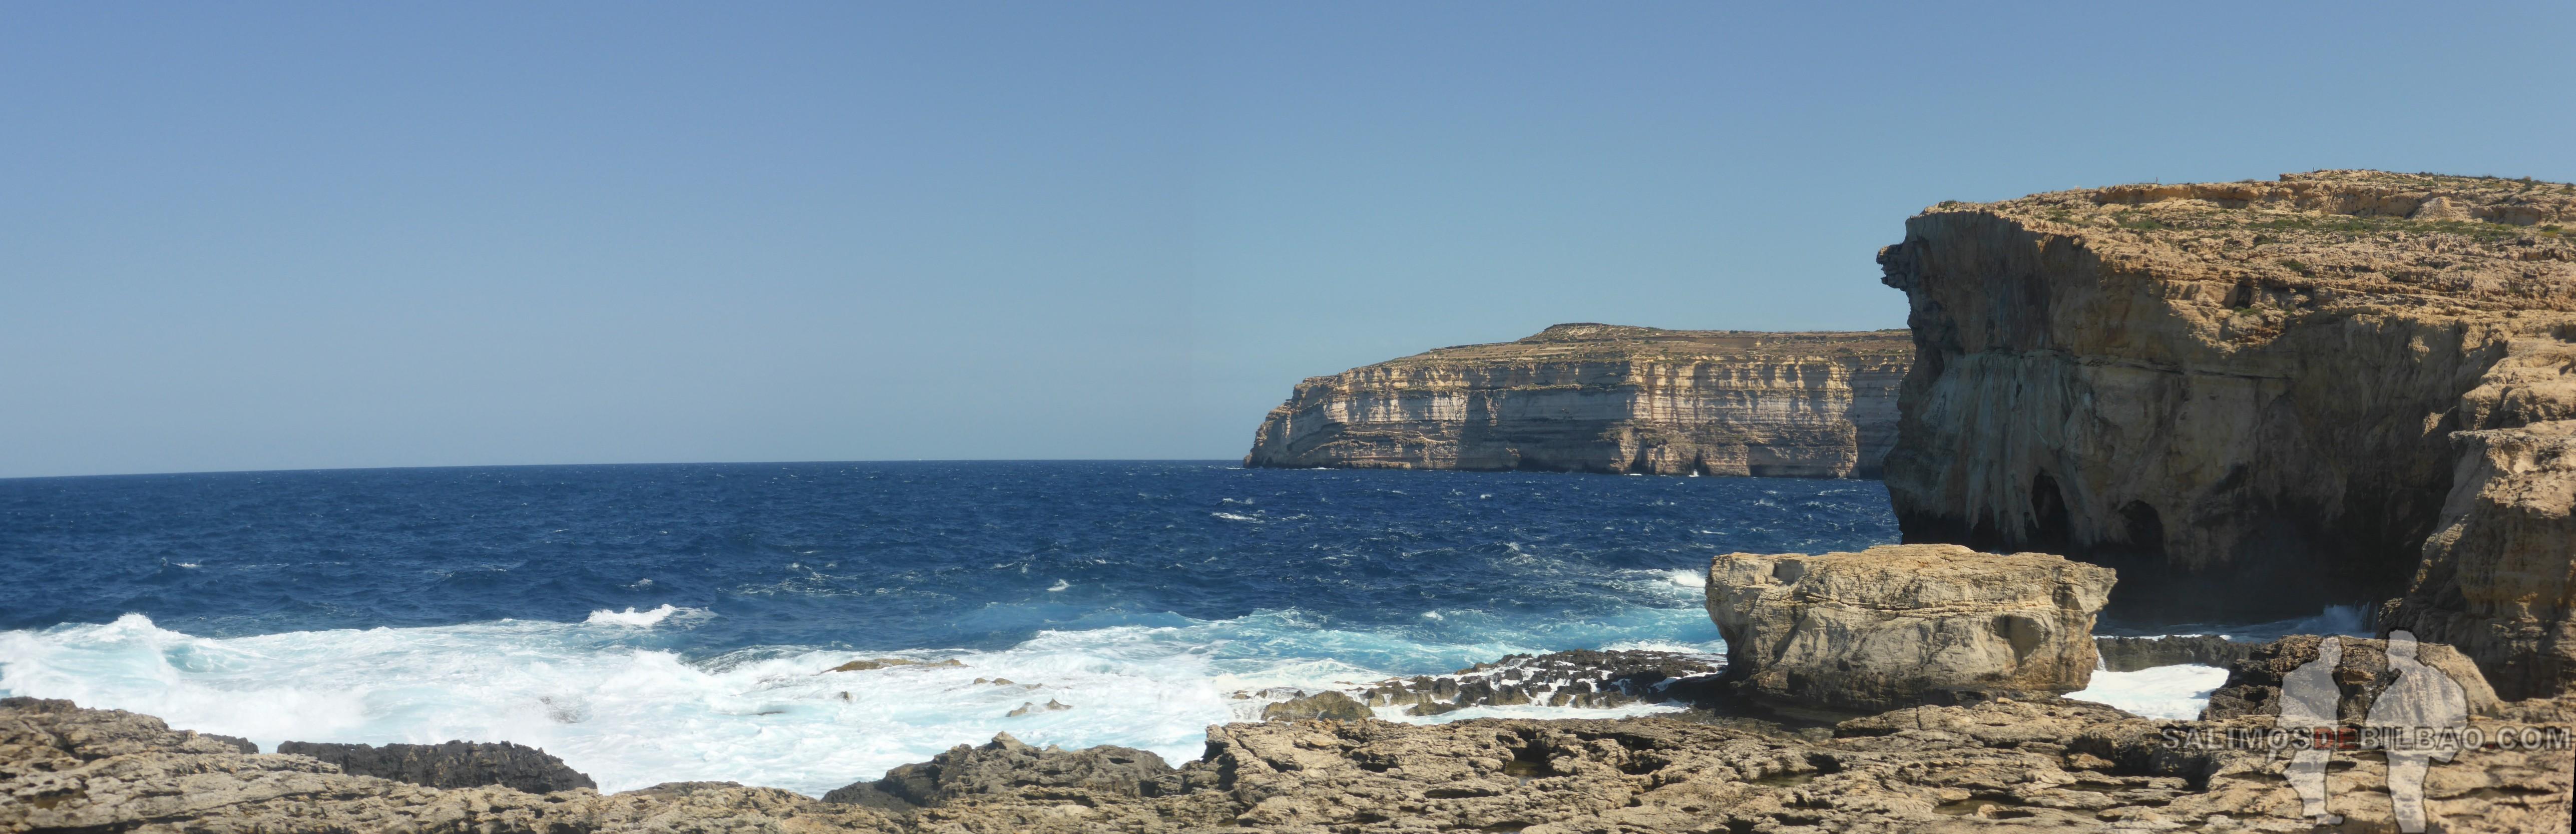 0541. Pano, Antiguo Azure Window y Blue Hole, Gozo